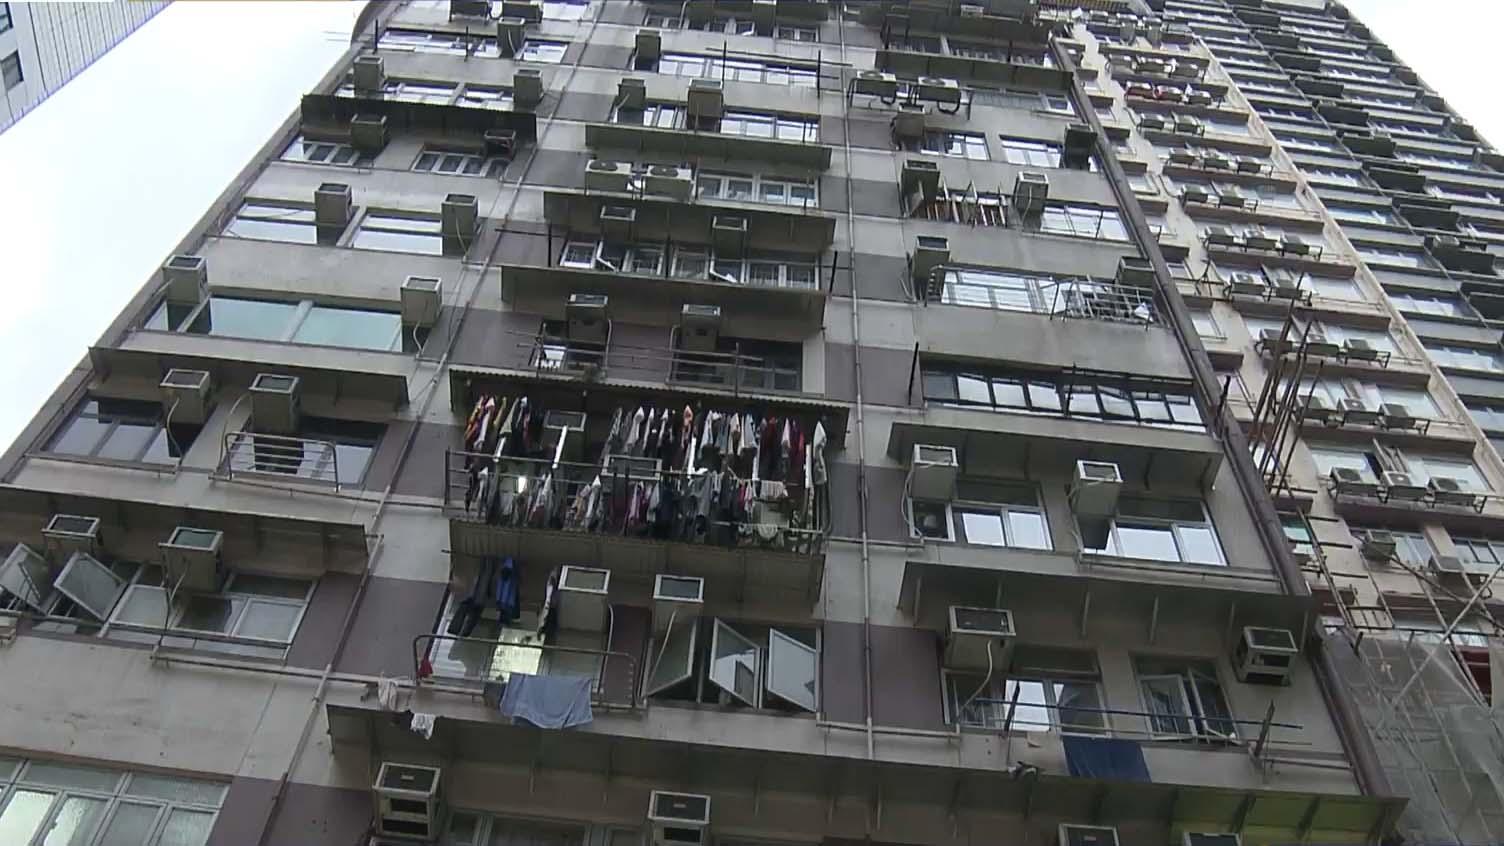 確診外傭宿舍所在大廈 居民指衞生情況欠佳